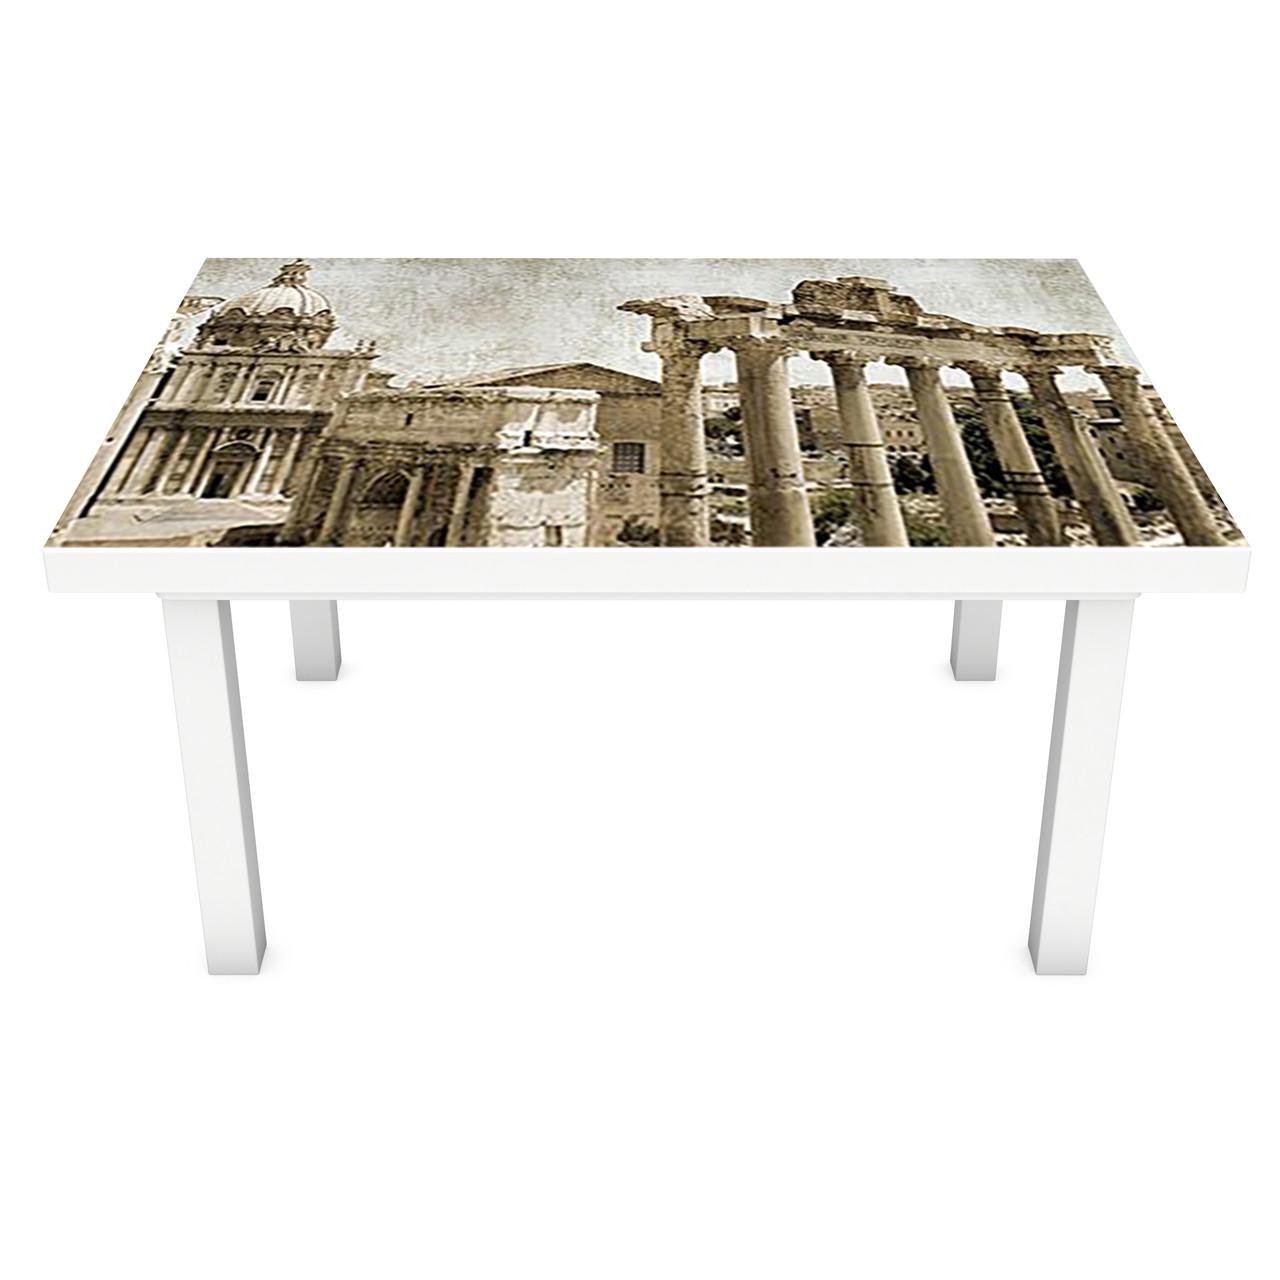 Виниловая наклейка на стол Античный город интерьерная ПВХ пленка для мебели колонны винтаж ретро Бежевый